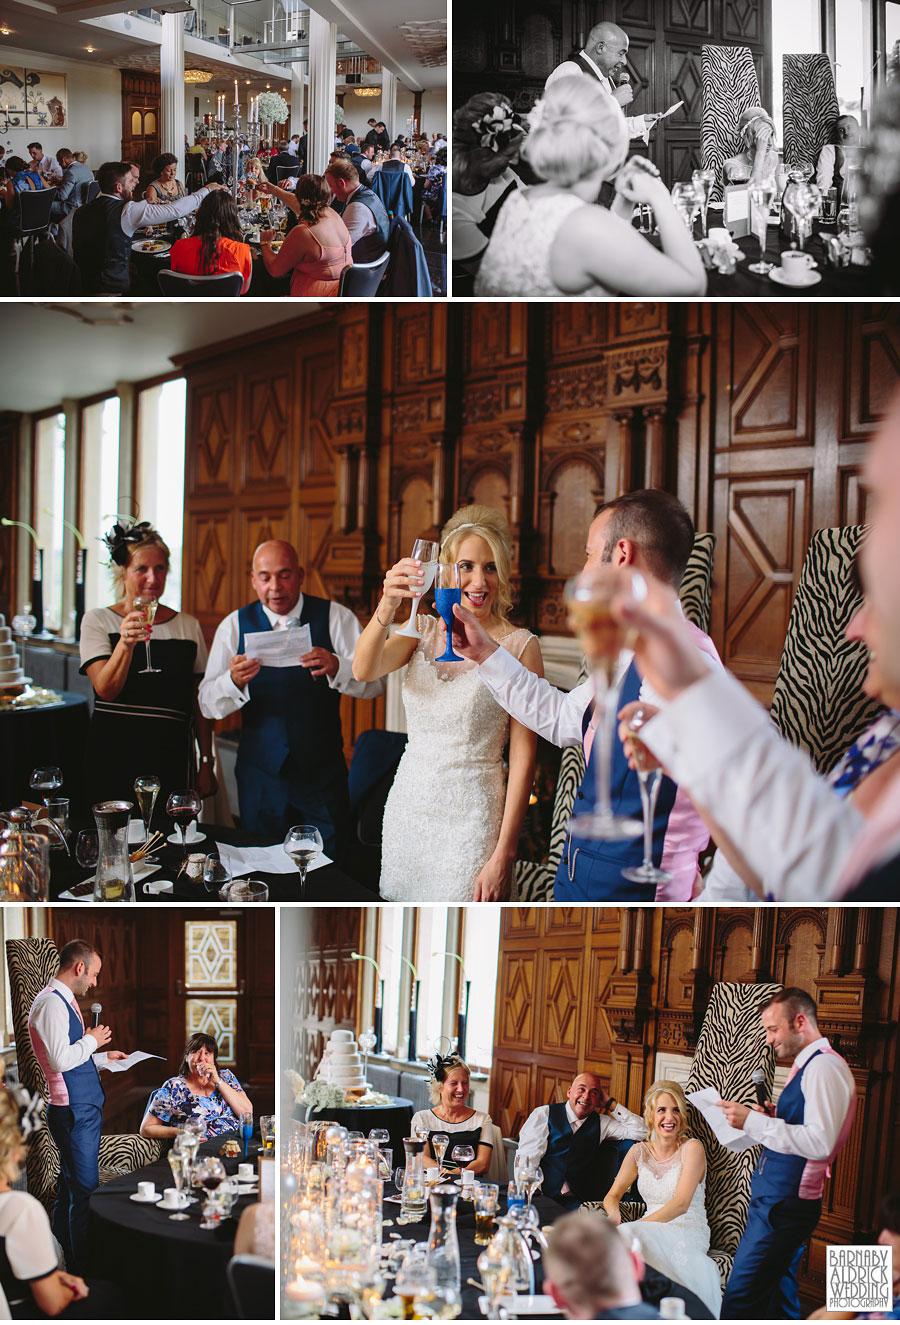 Saddleworth Hotel Wedding Photography near Oldham by Yorkshire and Lancashire Wedding Photographer Barnaby Aldrick 38